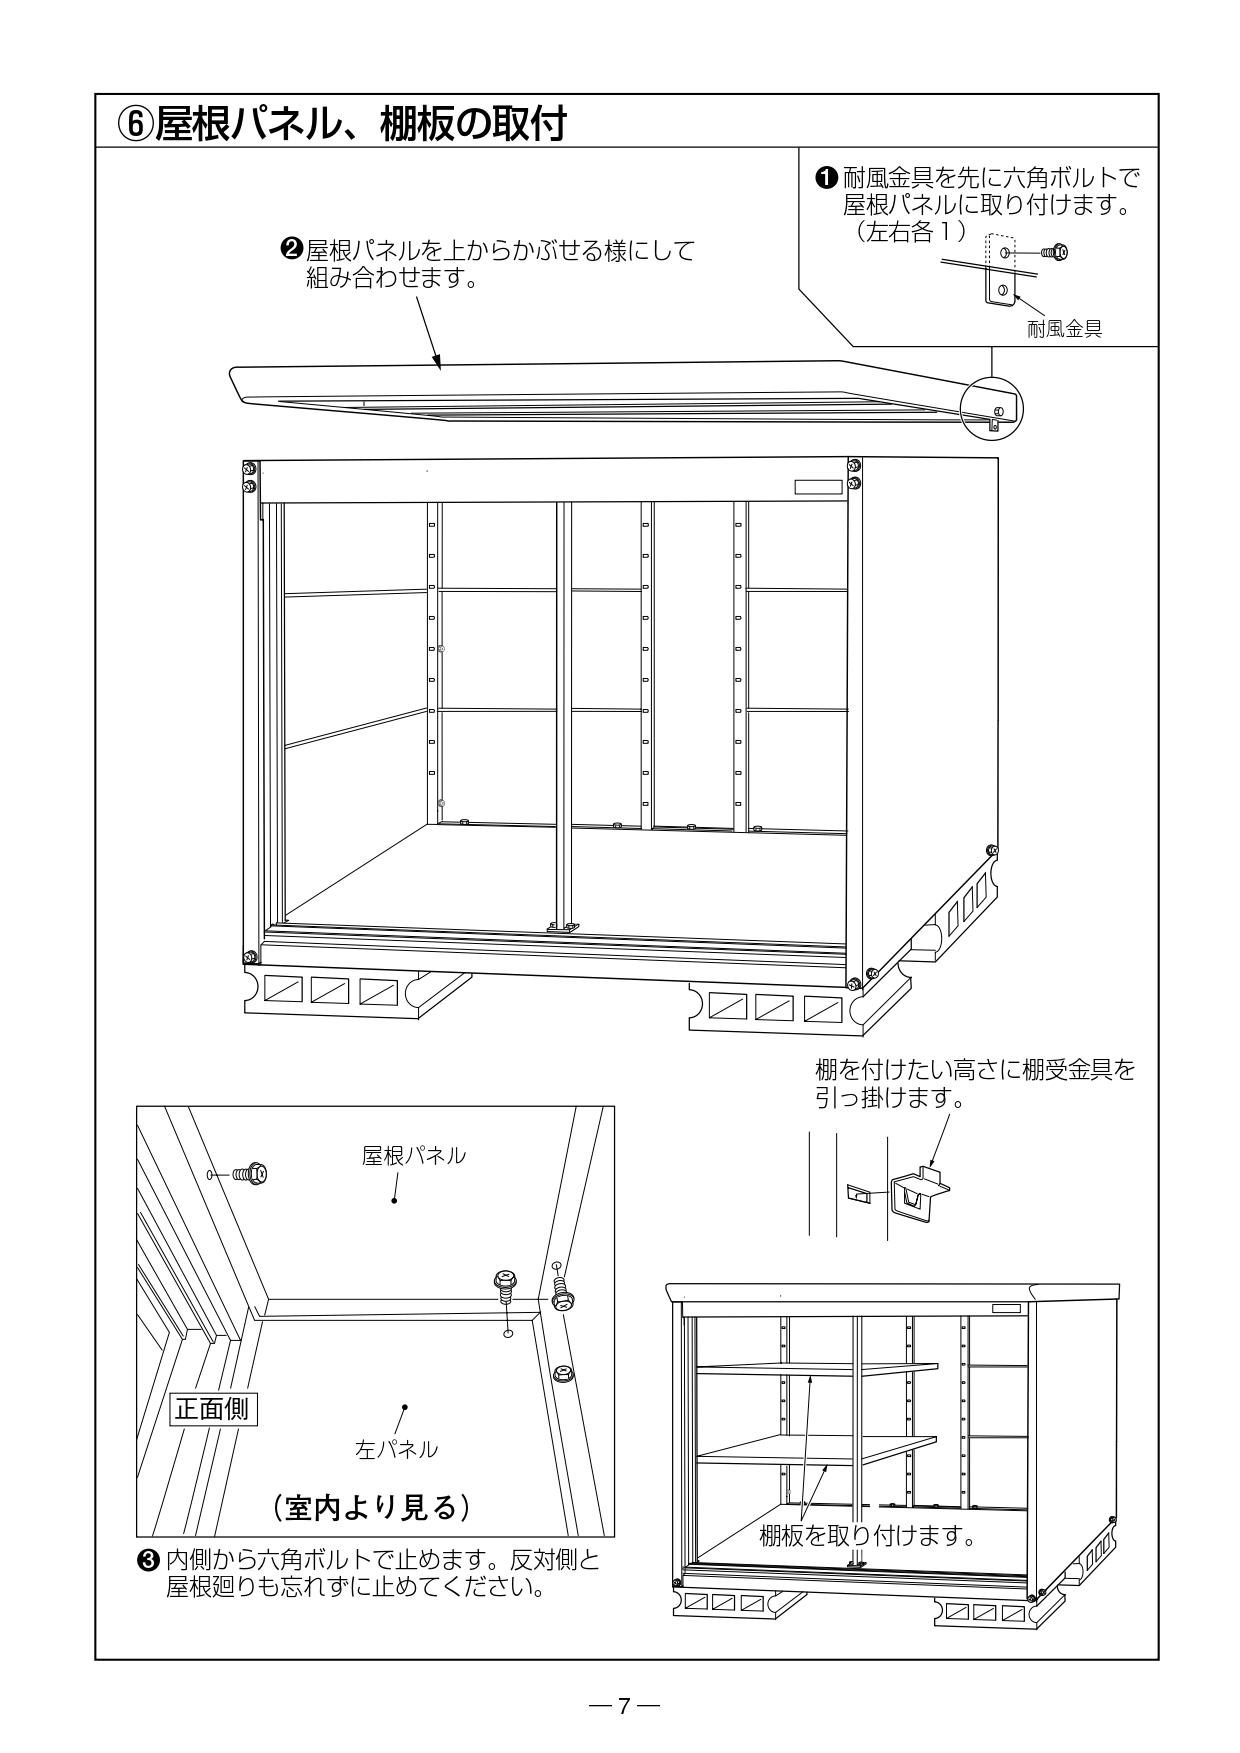 小型物置DM-GY型 施工説明書_page-0009